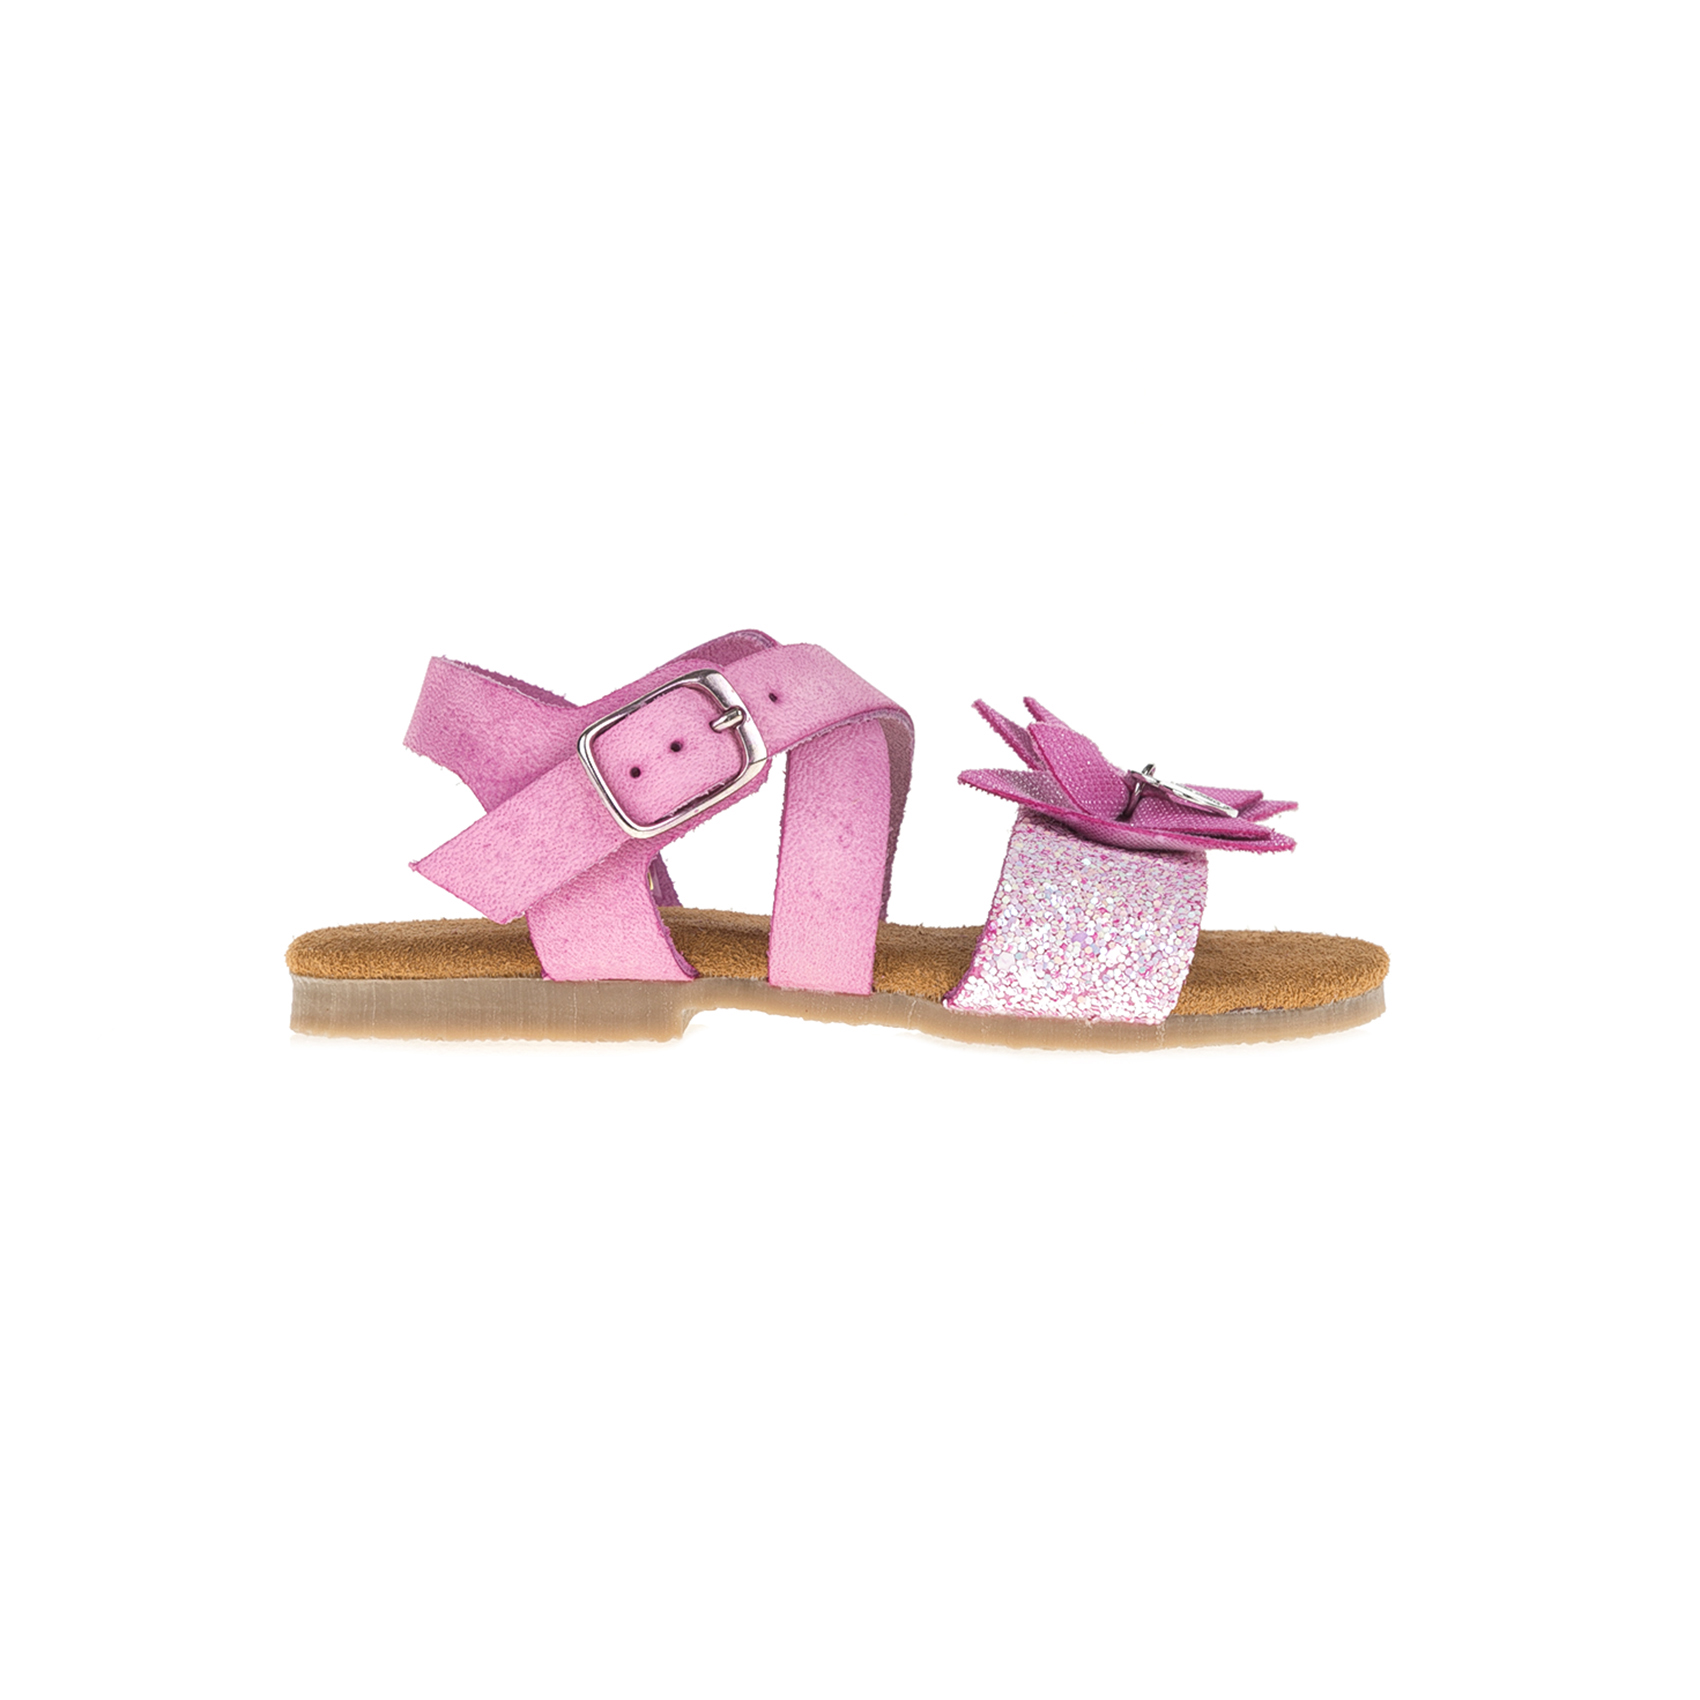 MONNALISA SHOES - Πέδιλα MONNALISA SHOES PAPILLON φούξια παιδικά girls παπούτσια πέδιλα σανδάλια